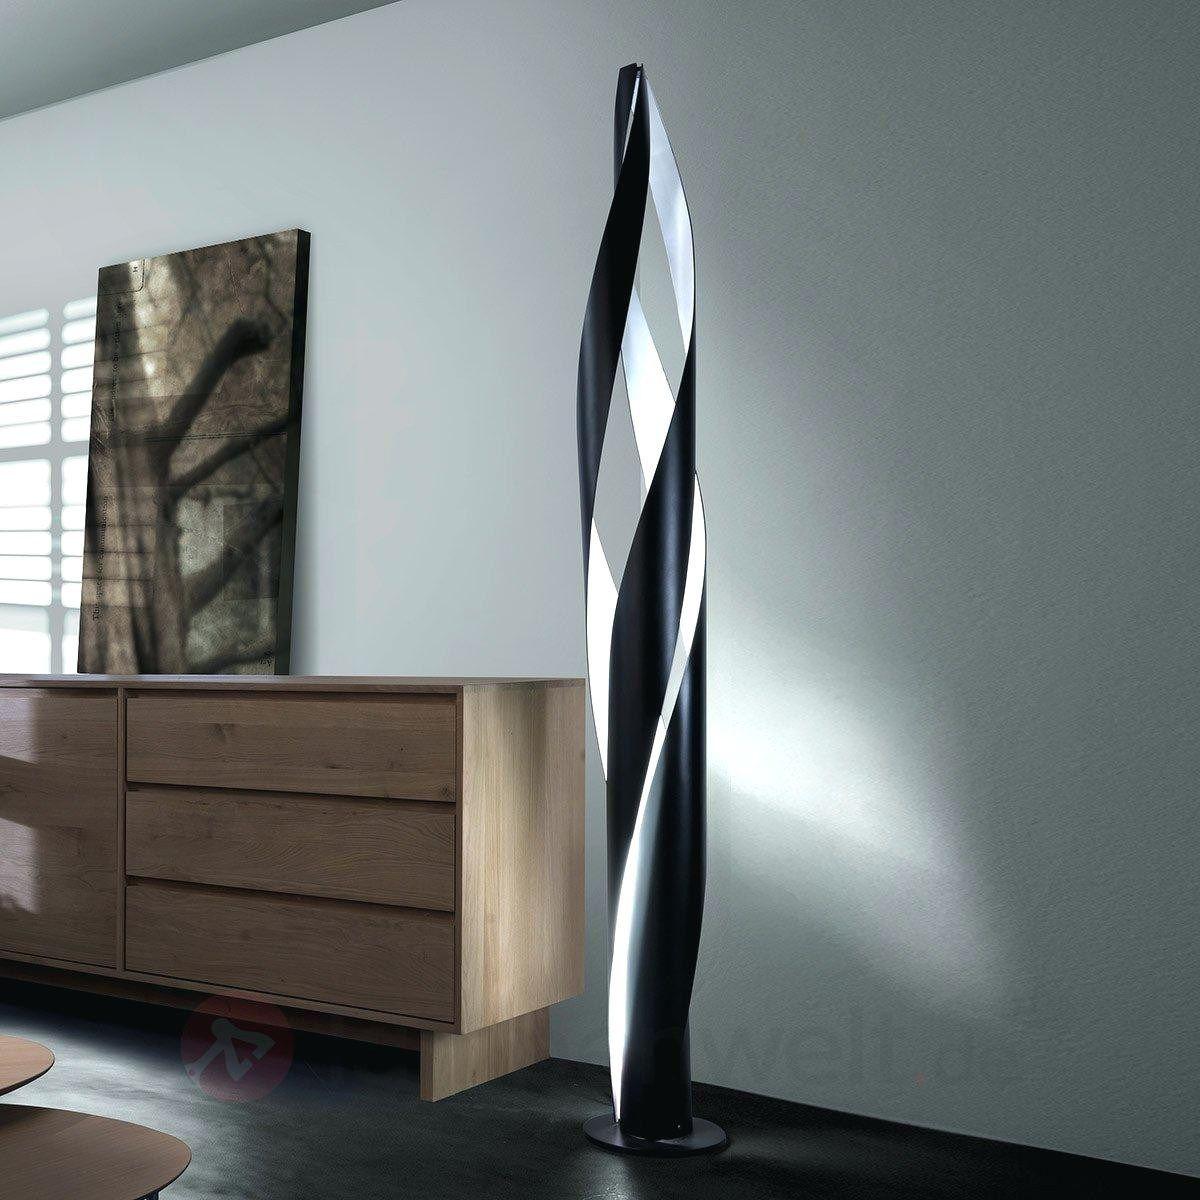 Wohnzimmer Stehlampe Modern Moderne Stehlampen Stehlampe Lampen